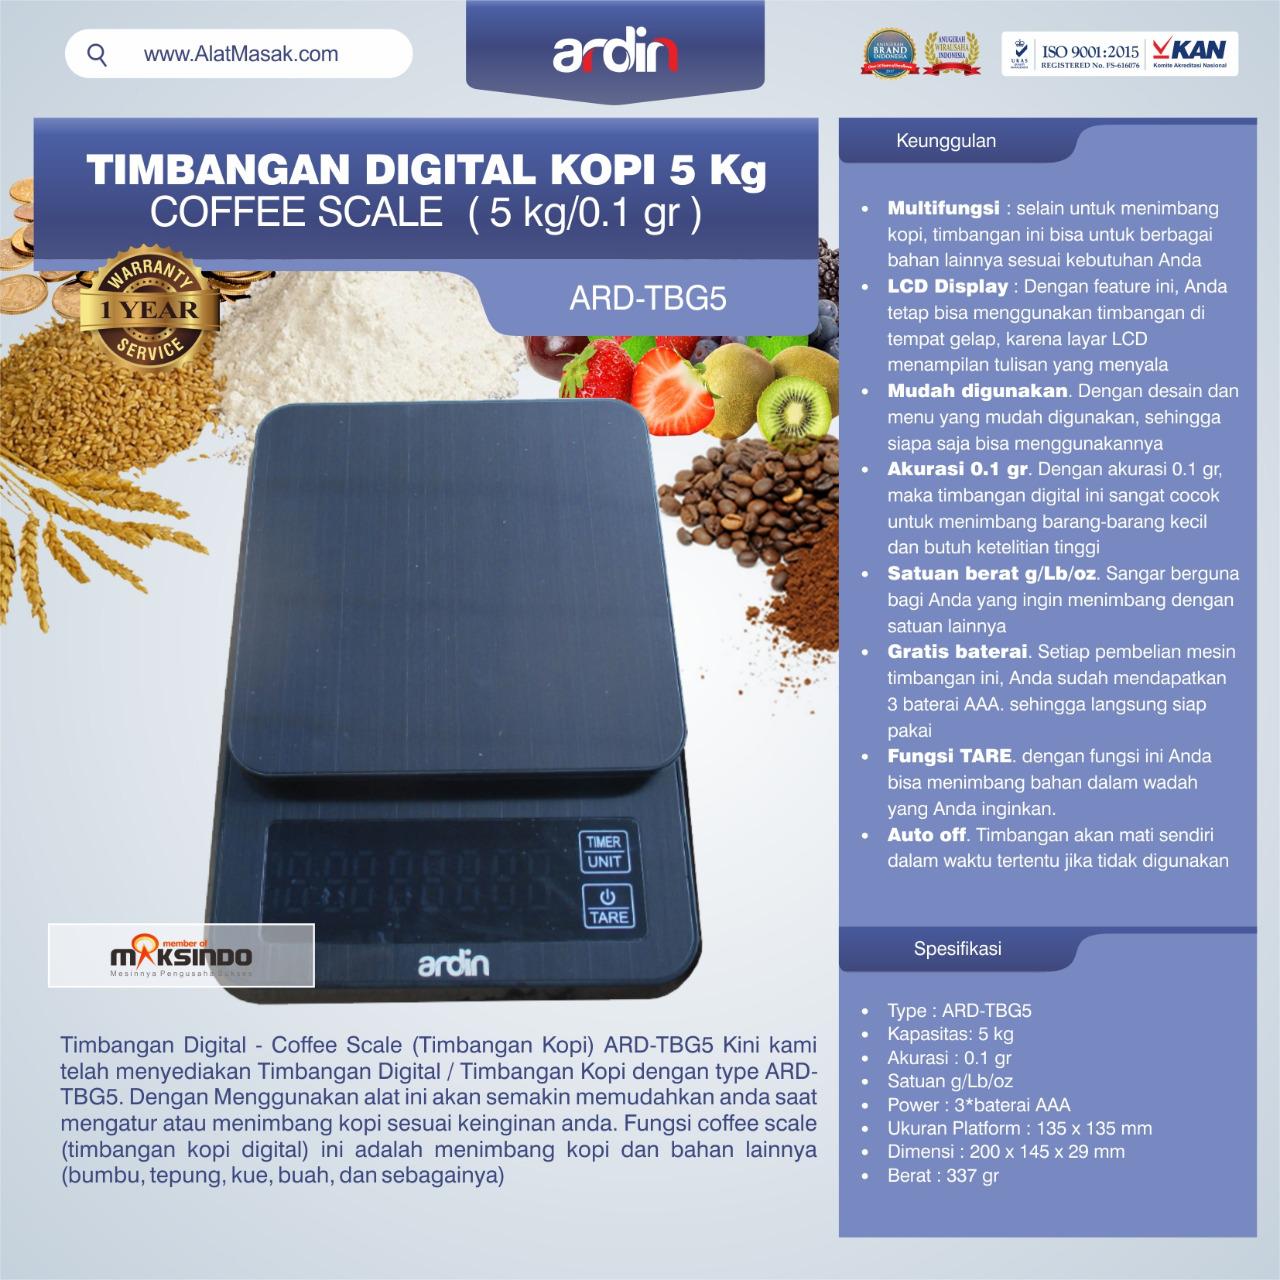 Jual Timbangan Digital Kopi 5 kg ARD-TBG5 (coffee scale) di Semarang